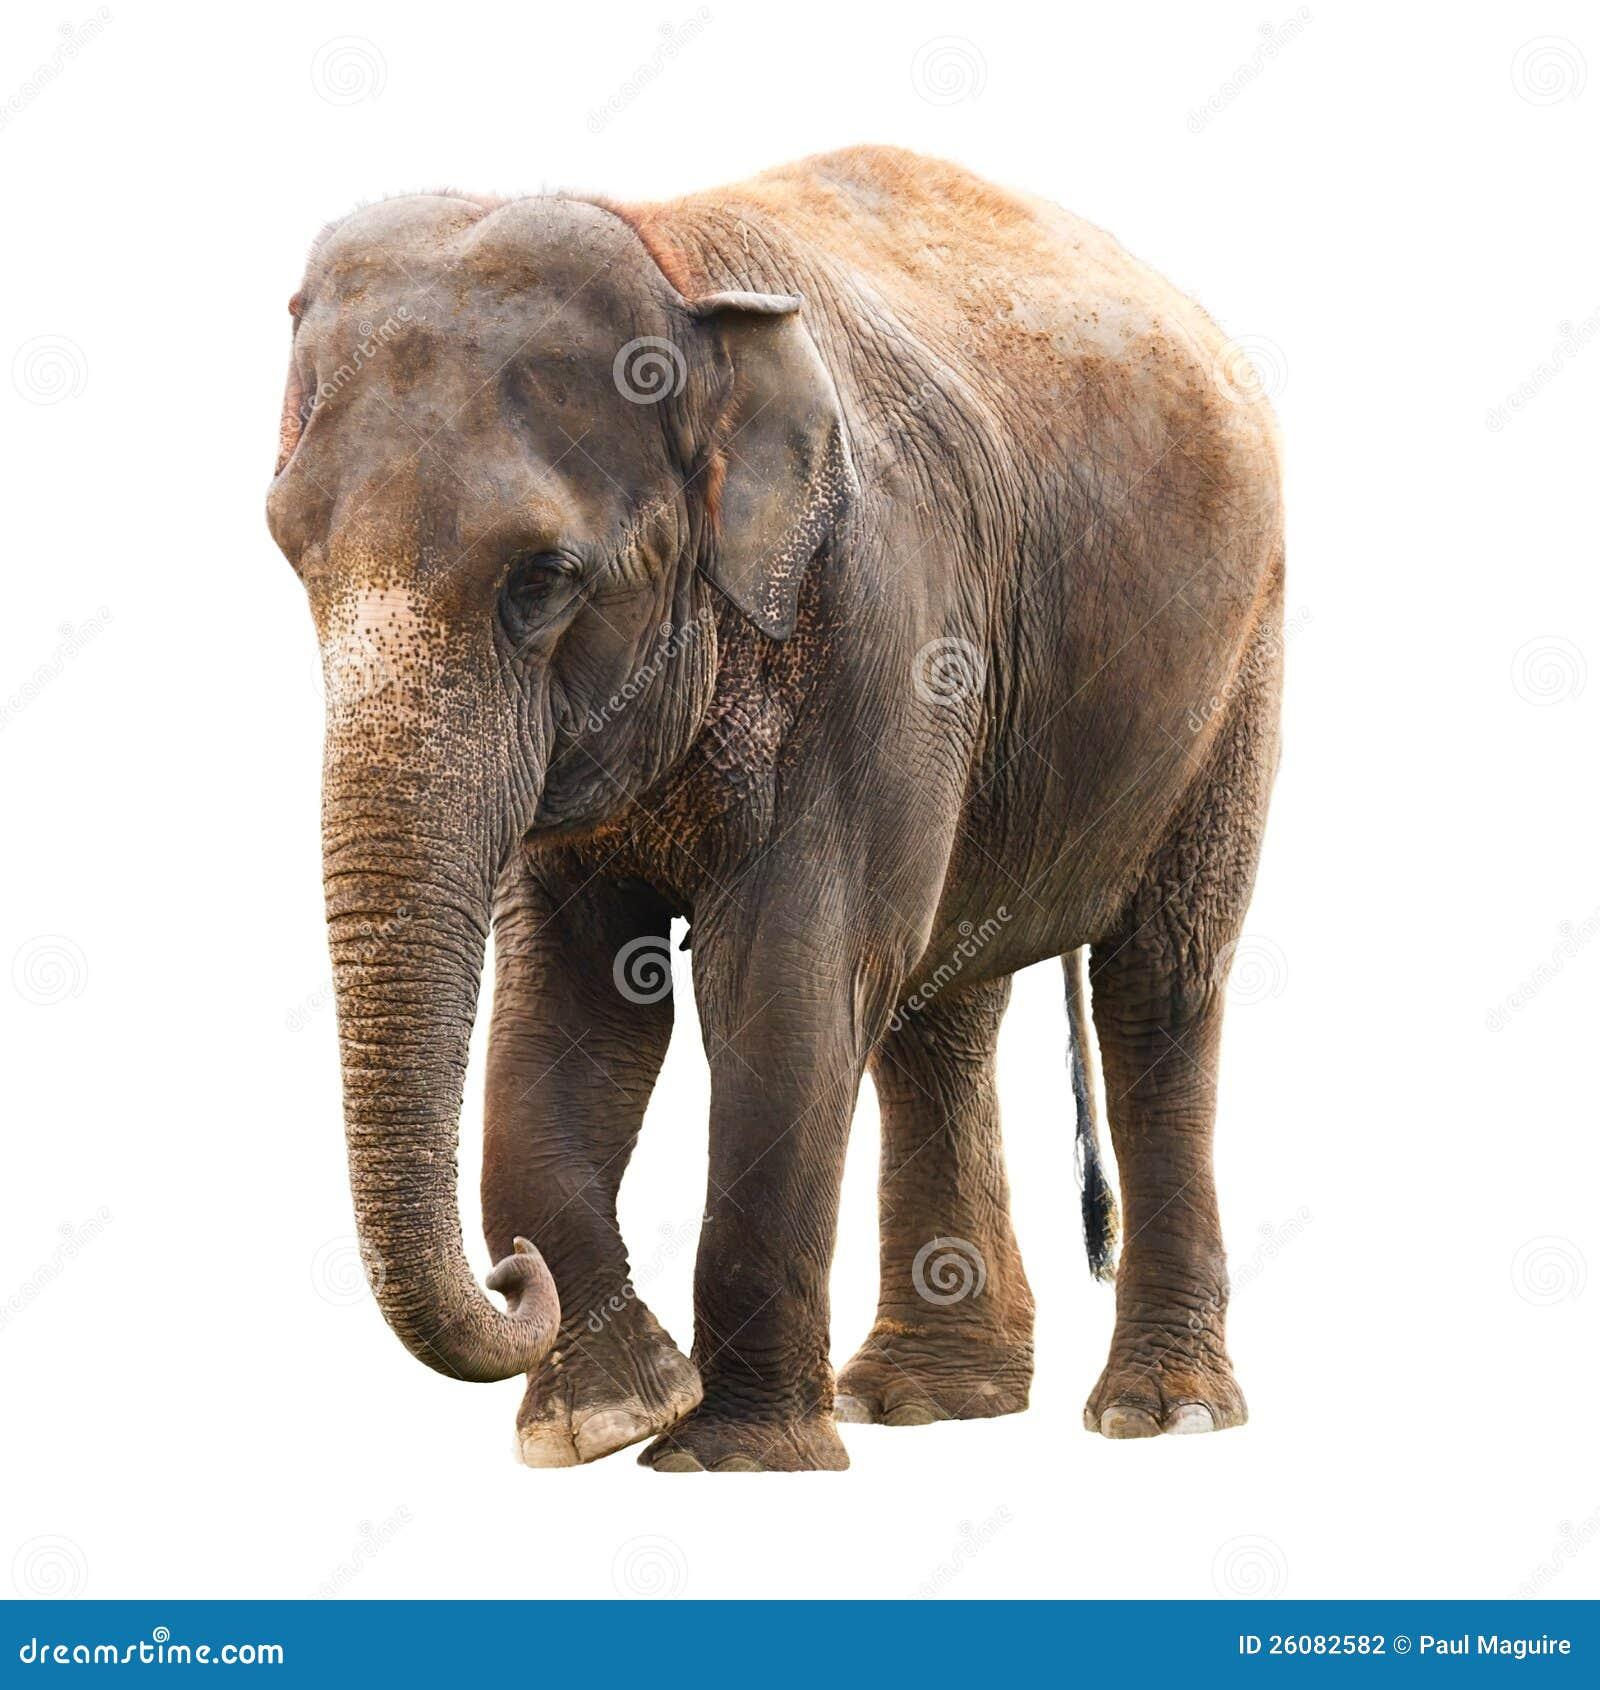 elephant white background stock photo image of elephants